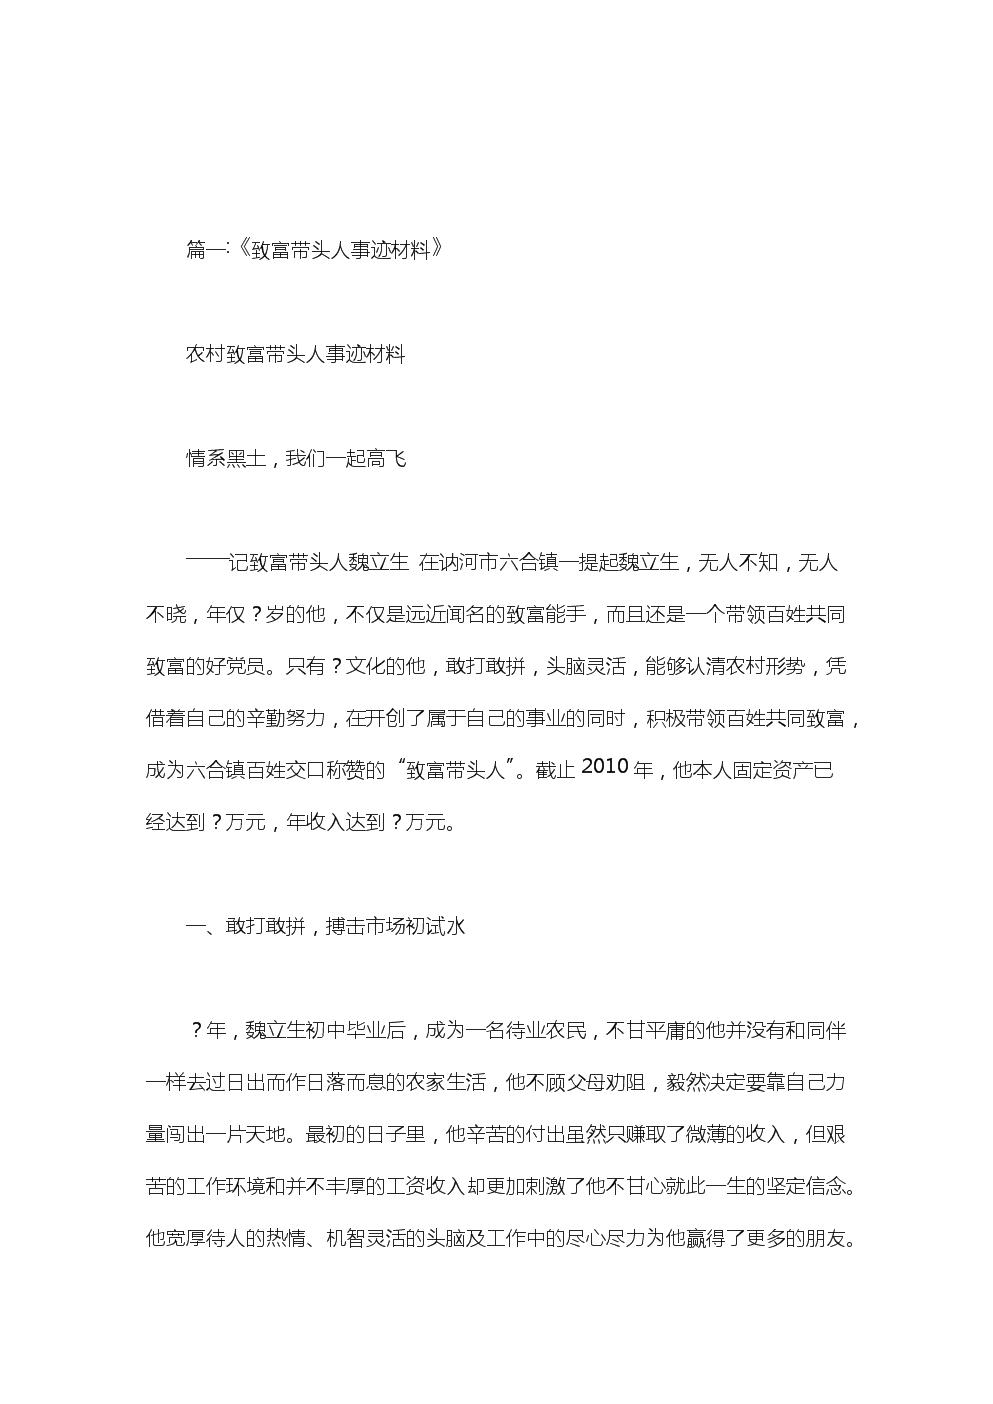 帶動貧困戶發家致富經驗文章范文.doc